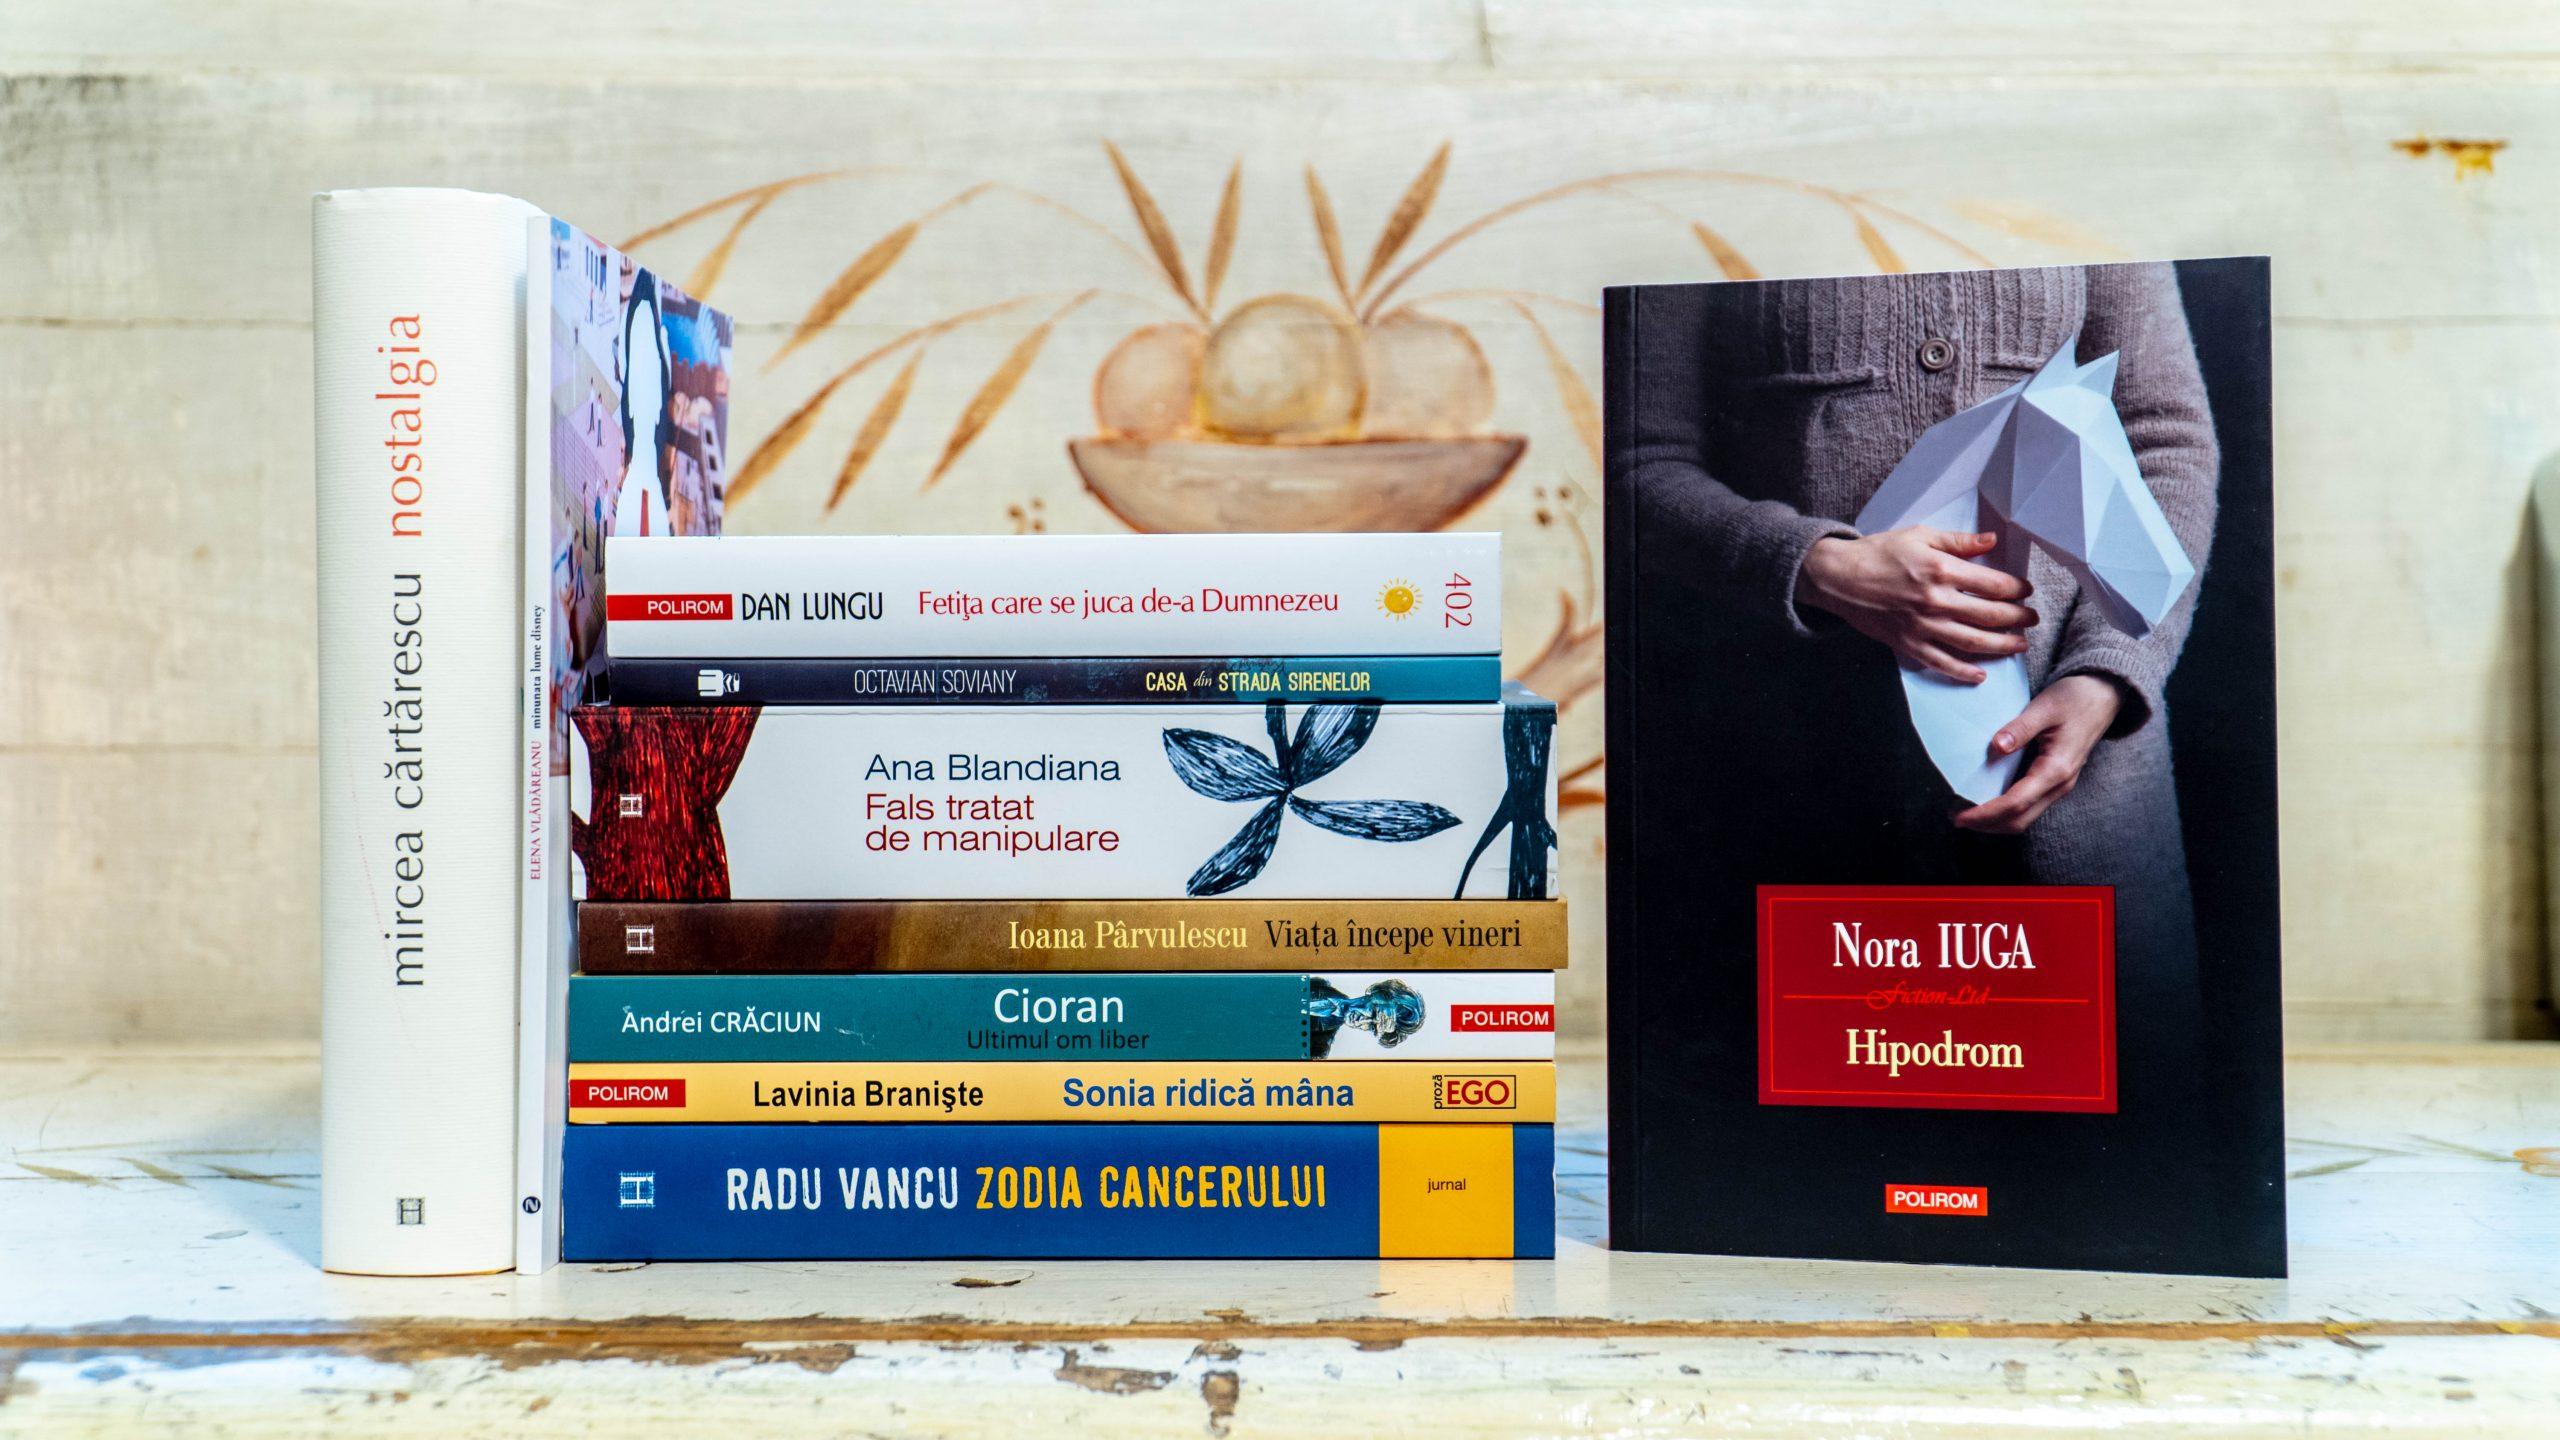 5 cărți pe care mi le-am cumpărat de pe Elefant cu autografele autorilor